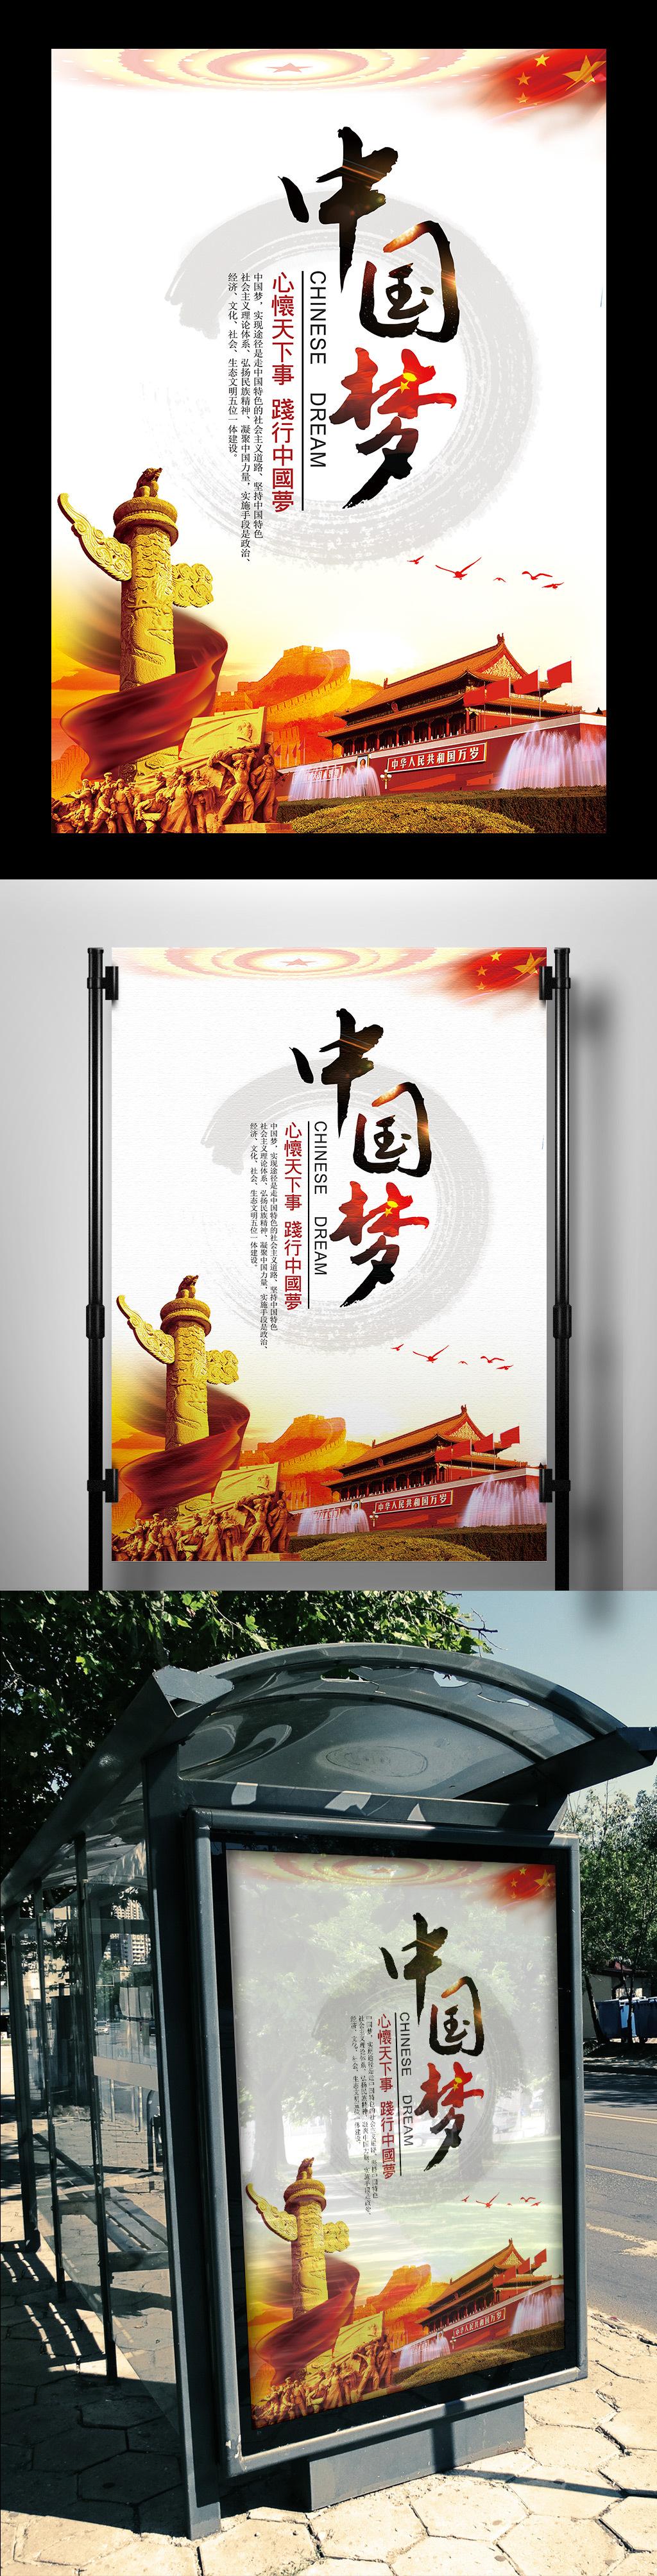 原创设计红色喜庆中国梦海报图片